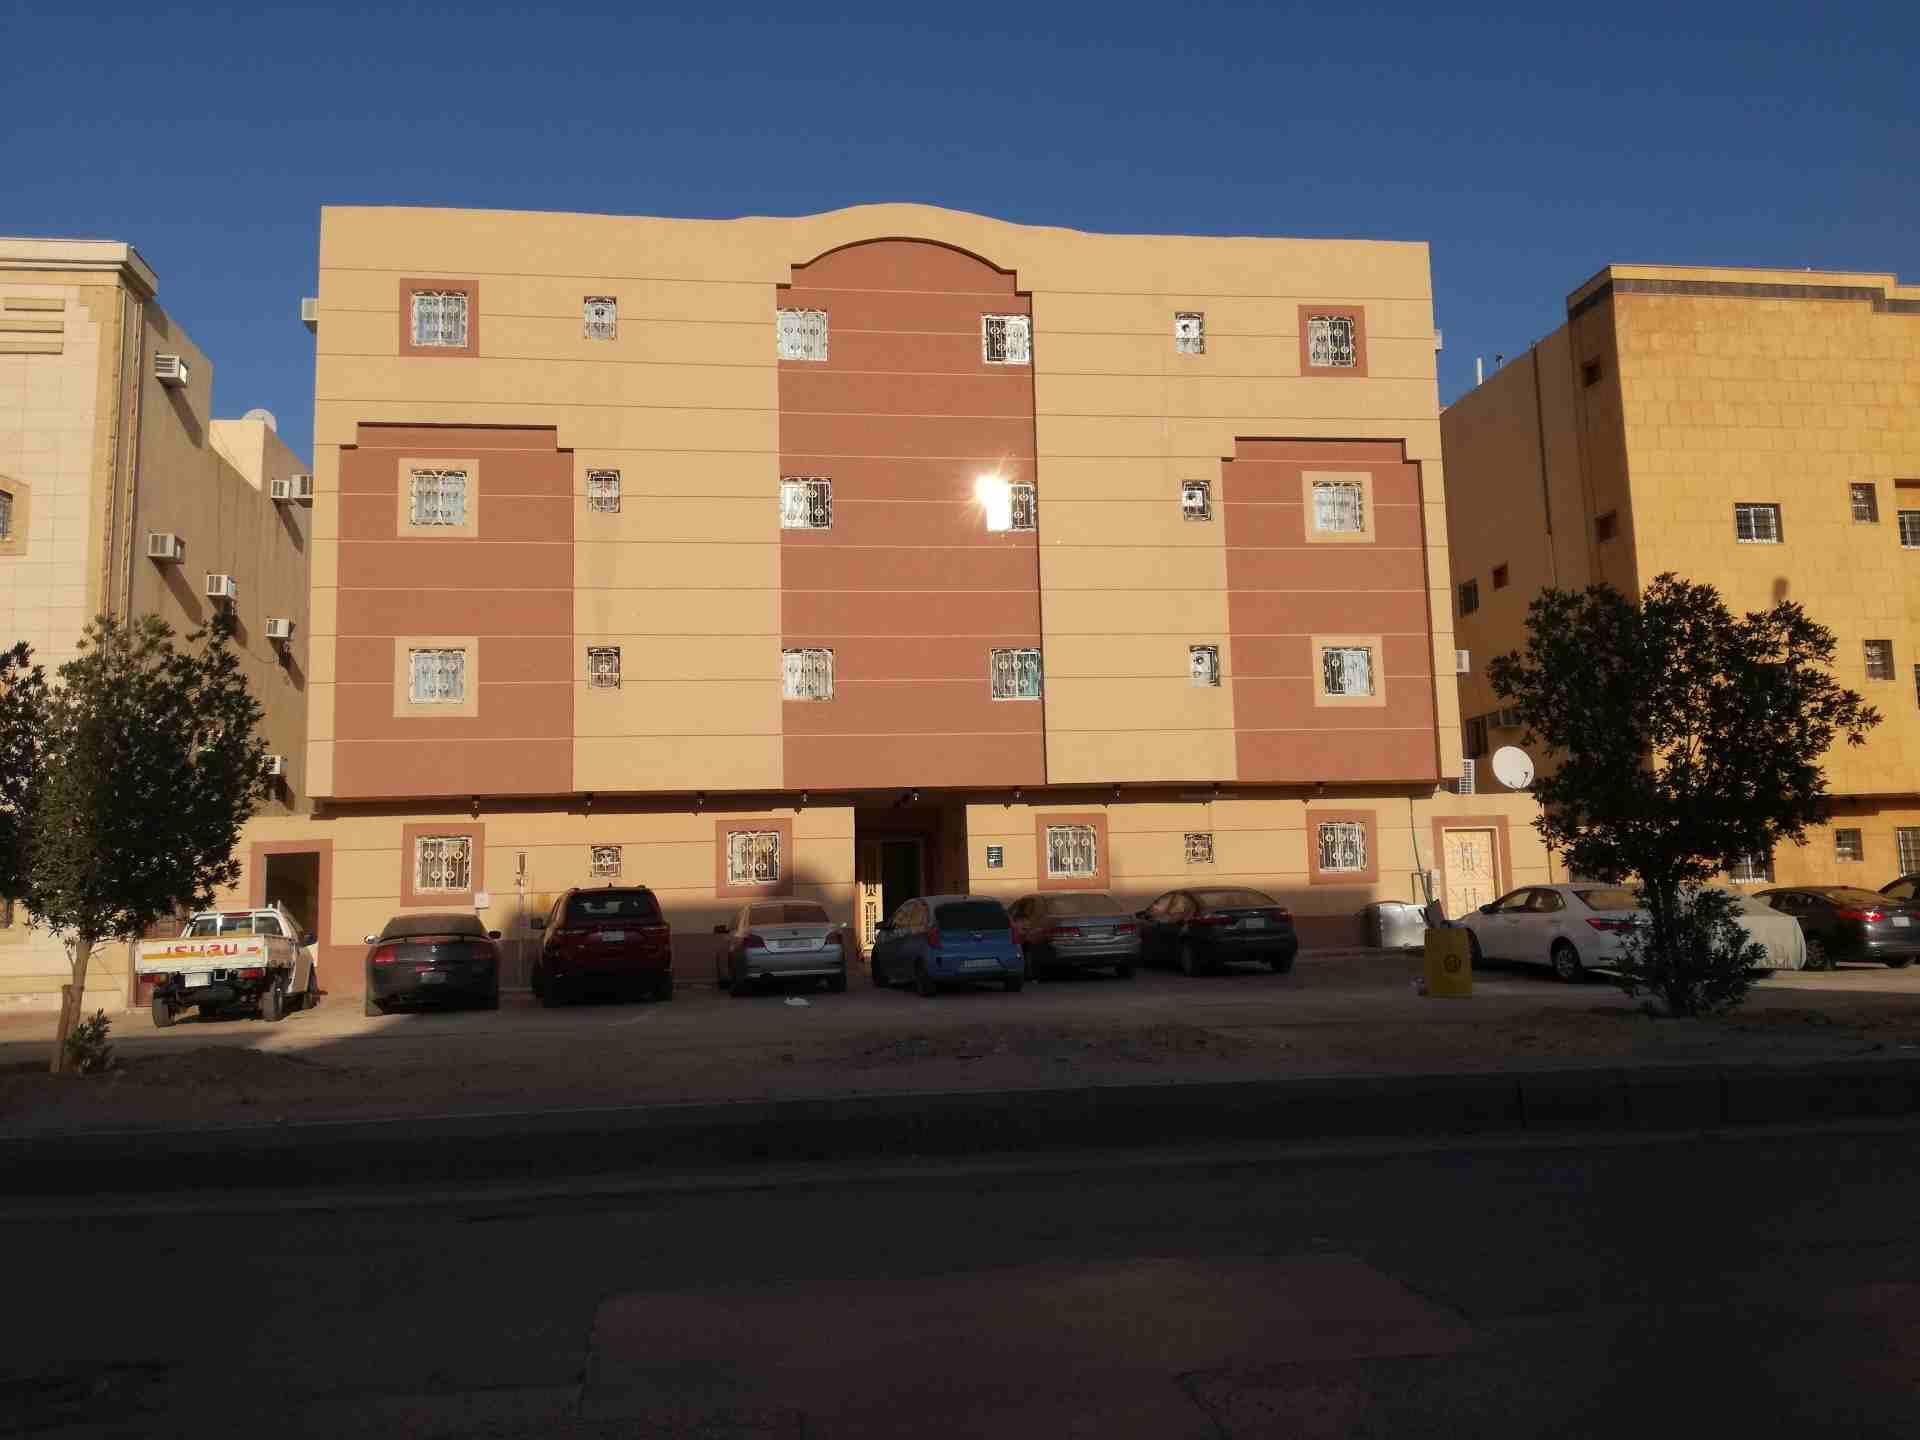 عمارة شقق سكنية للبيع حالة ممتازة...